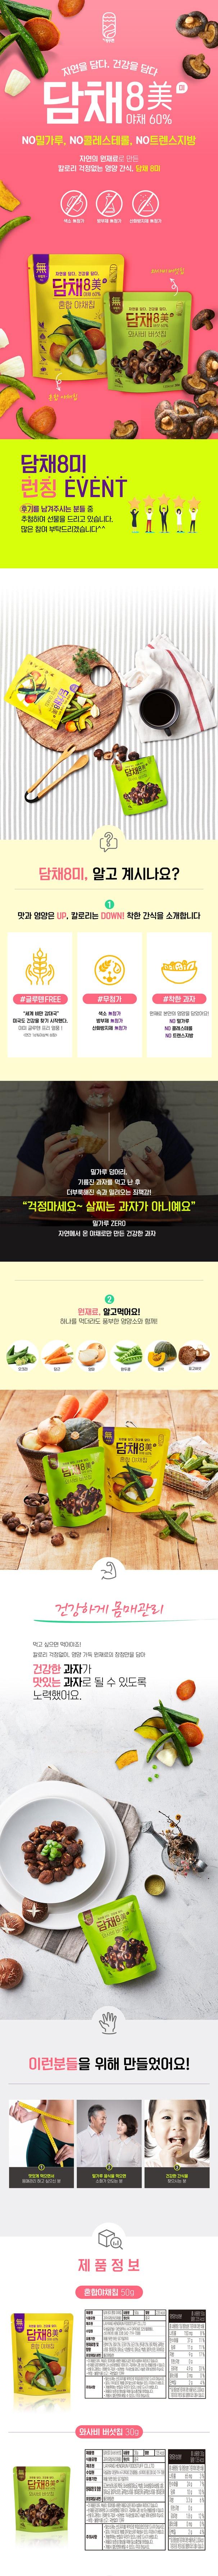 담채 8미 와사비 버섯칩 체험단 모집 (01.24~02.07)